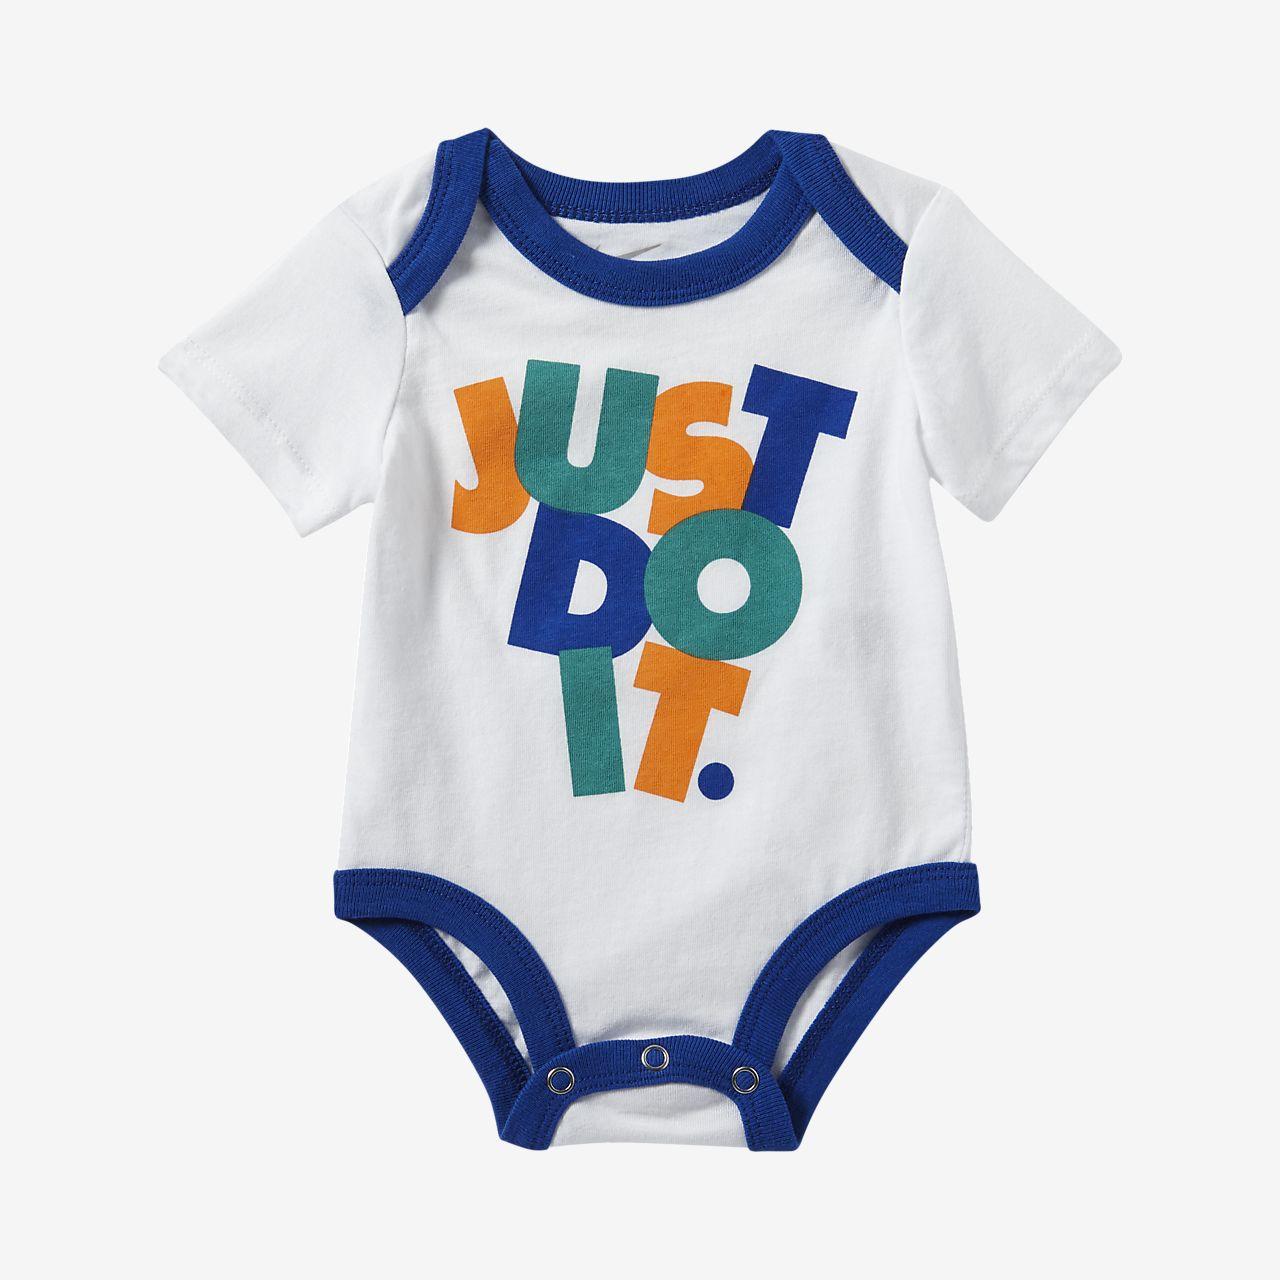 Φόρμα JDI Nike για βρέφη και νήπια